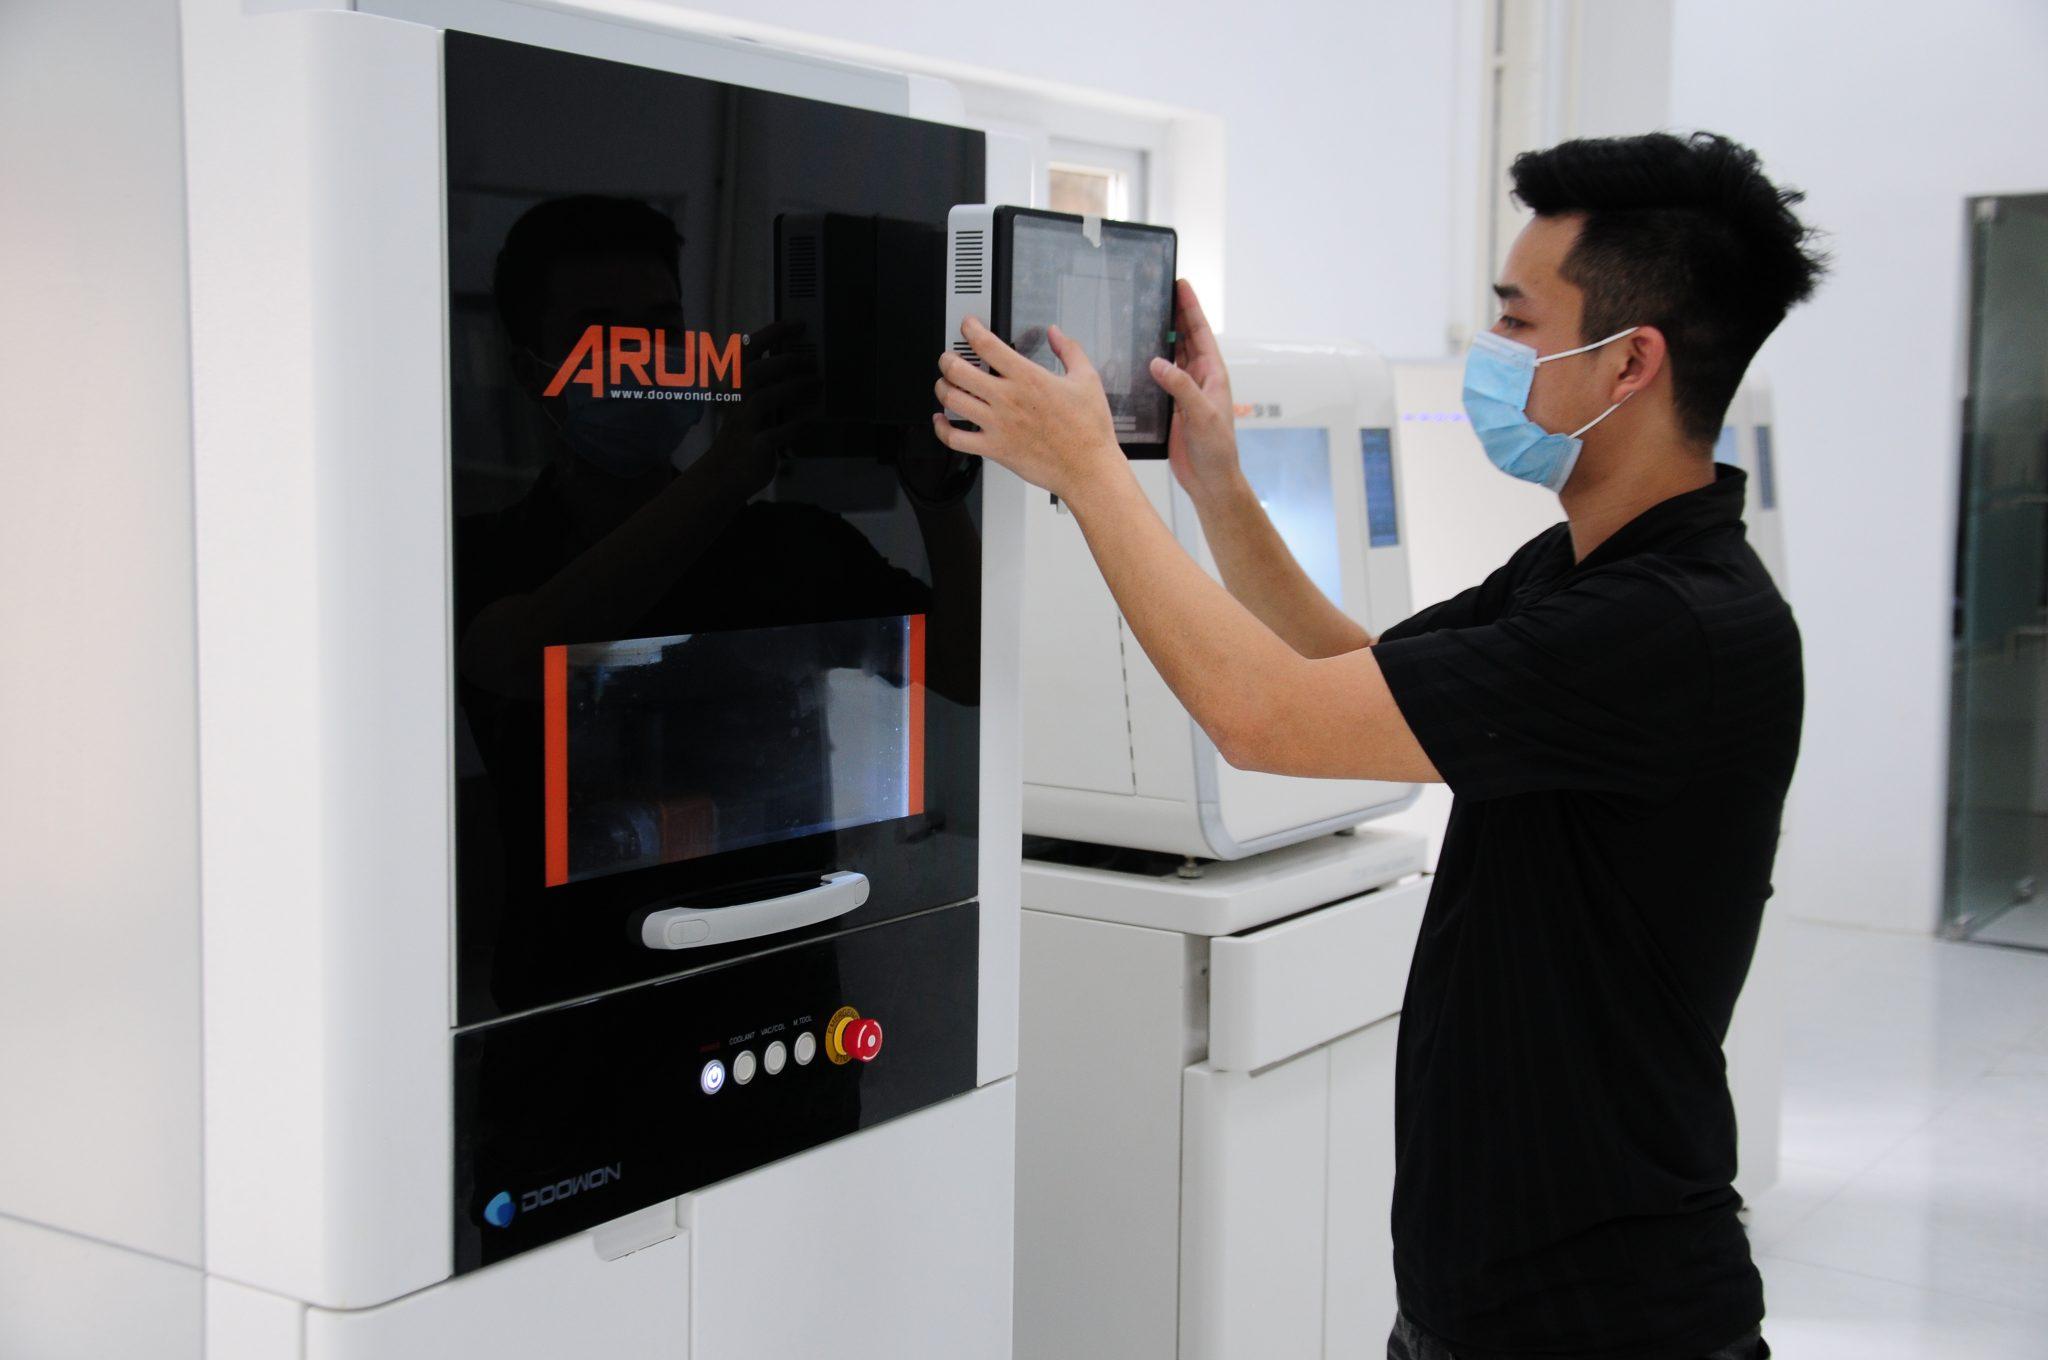 Nhà máy răng sứ củaNha khoa Kim sử dụng máy móc, thiết bị tiên tiến hàng đầu trong sản xuất răng sứ